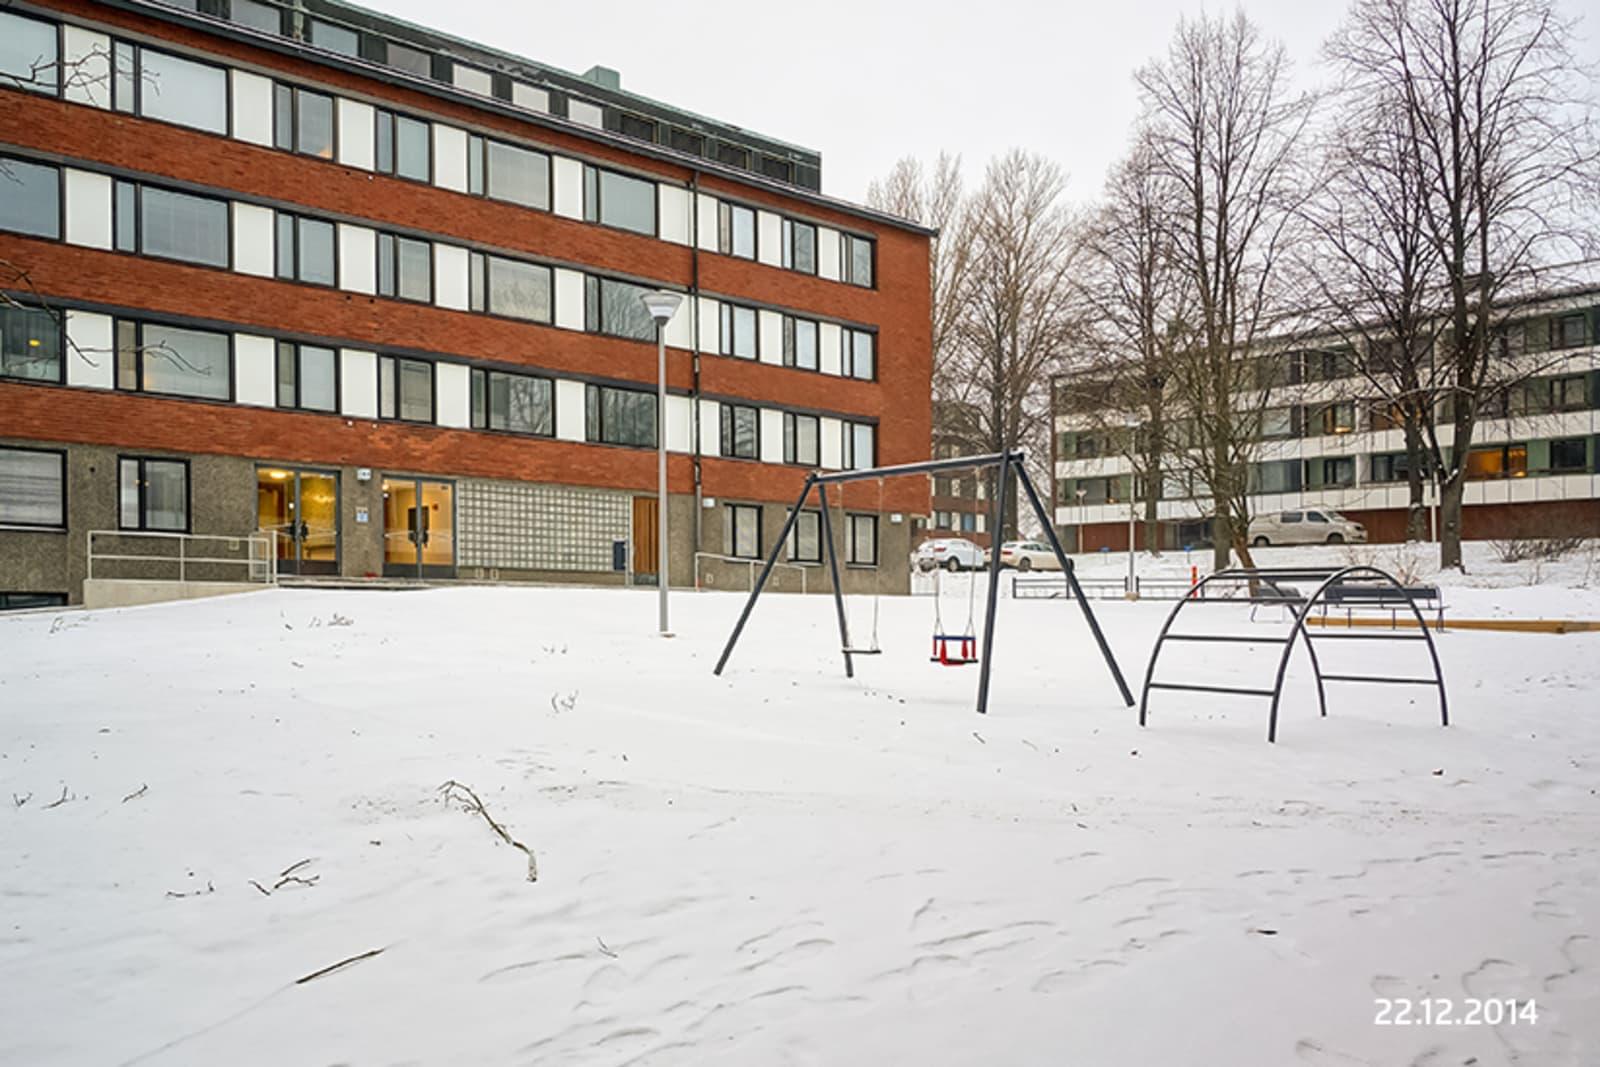 Helsinki, Etelä-Haaga, Kangaspellontie 3 D 023